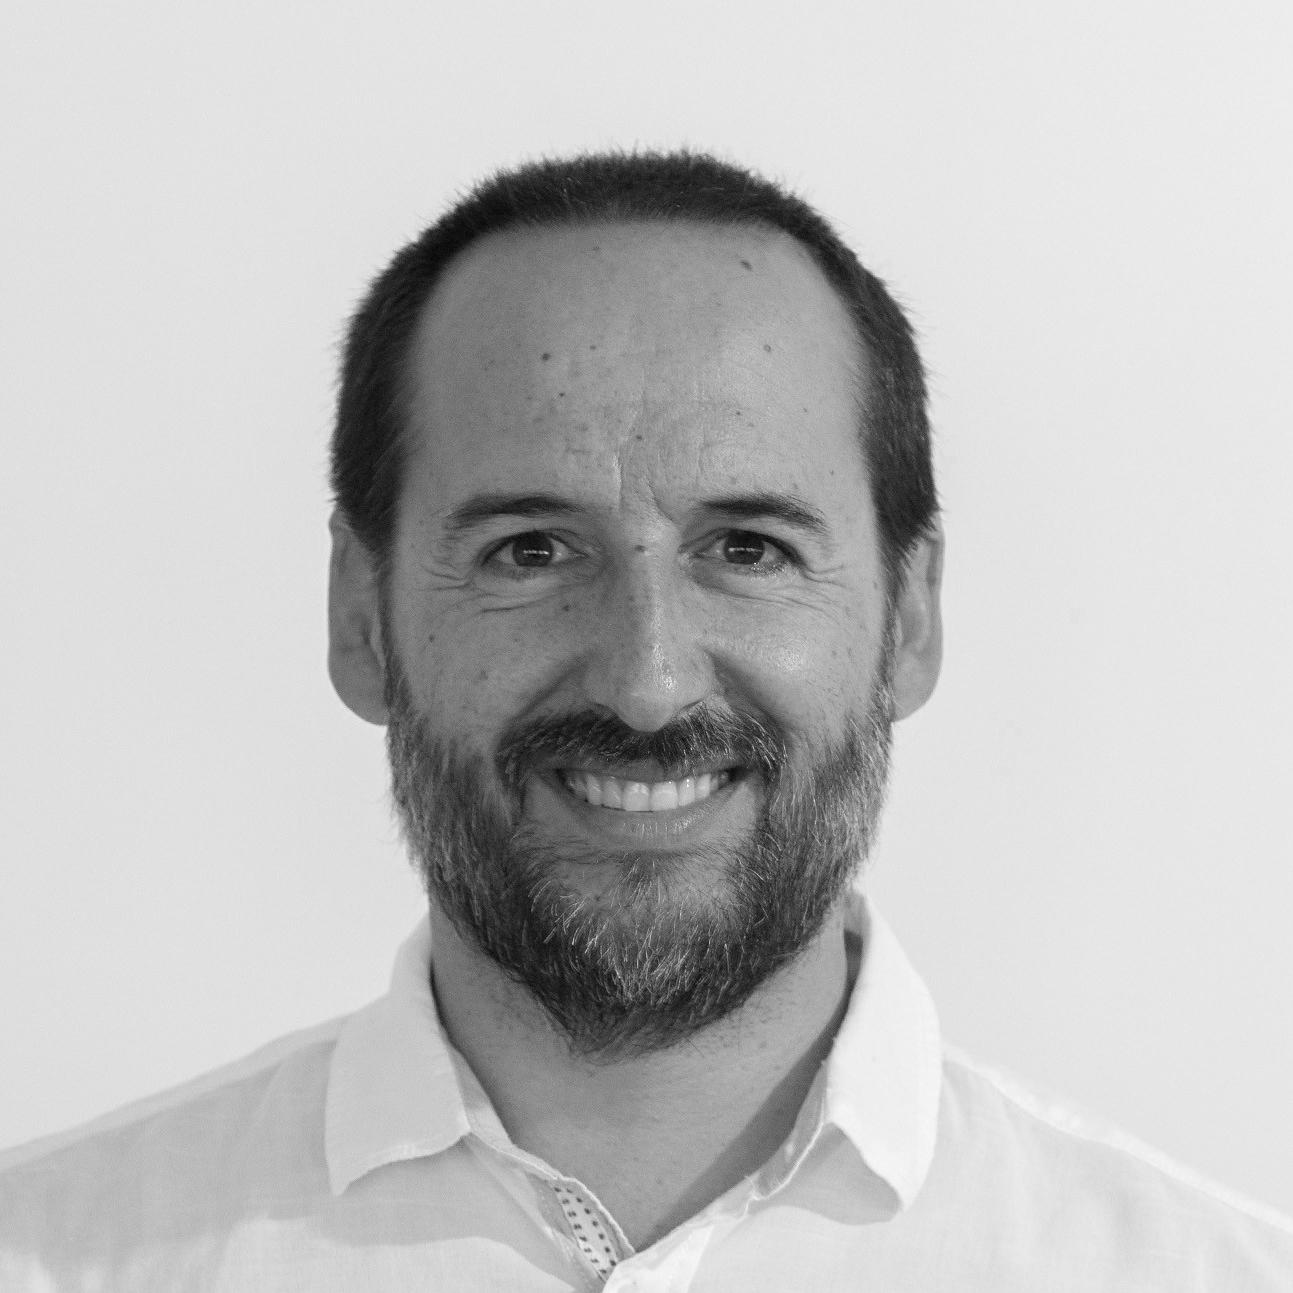 Javier Martín-Arroyo